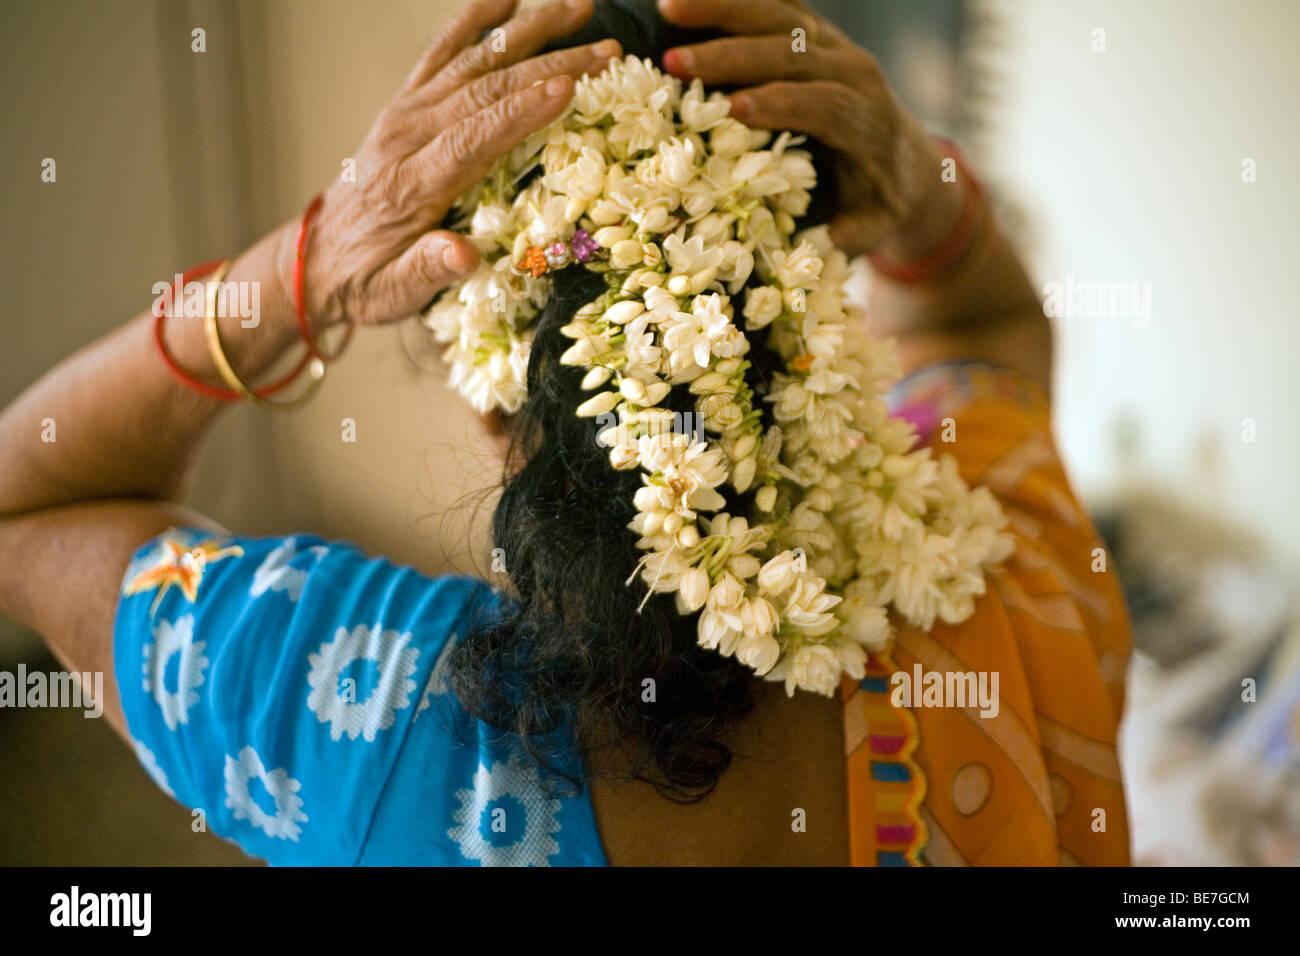 Une femme âgée prend des fleurs dans ses cheveux dans sa chambre à coucher, Janakpuri, New Delhi, Photo Stock